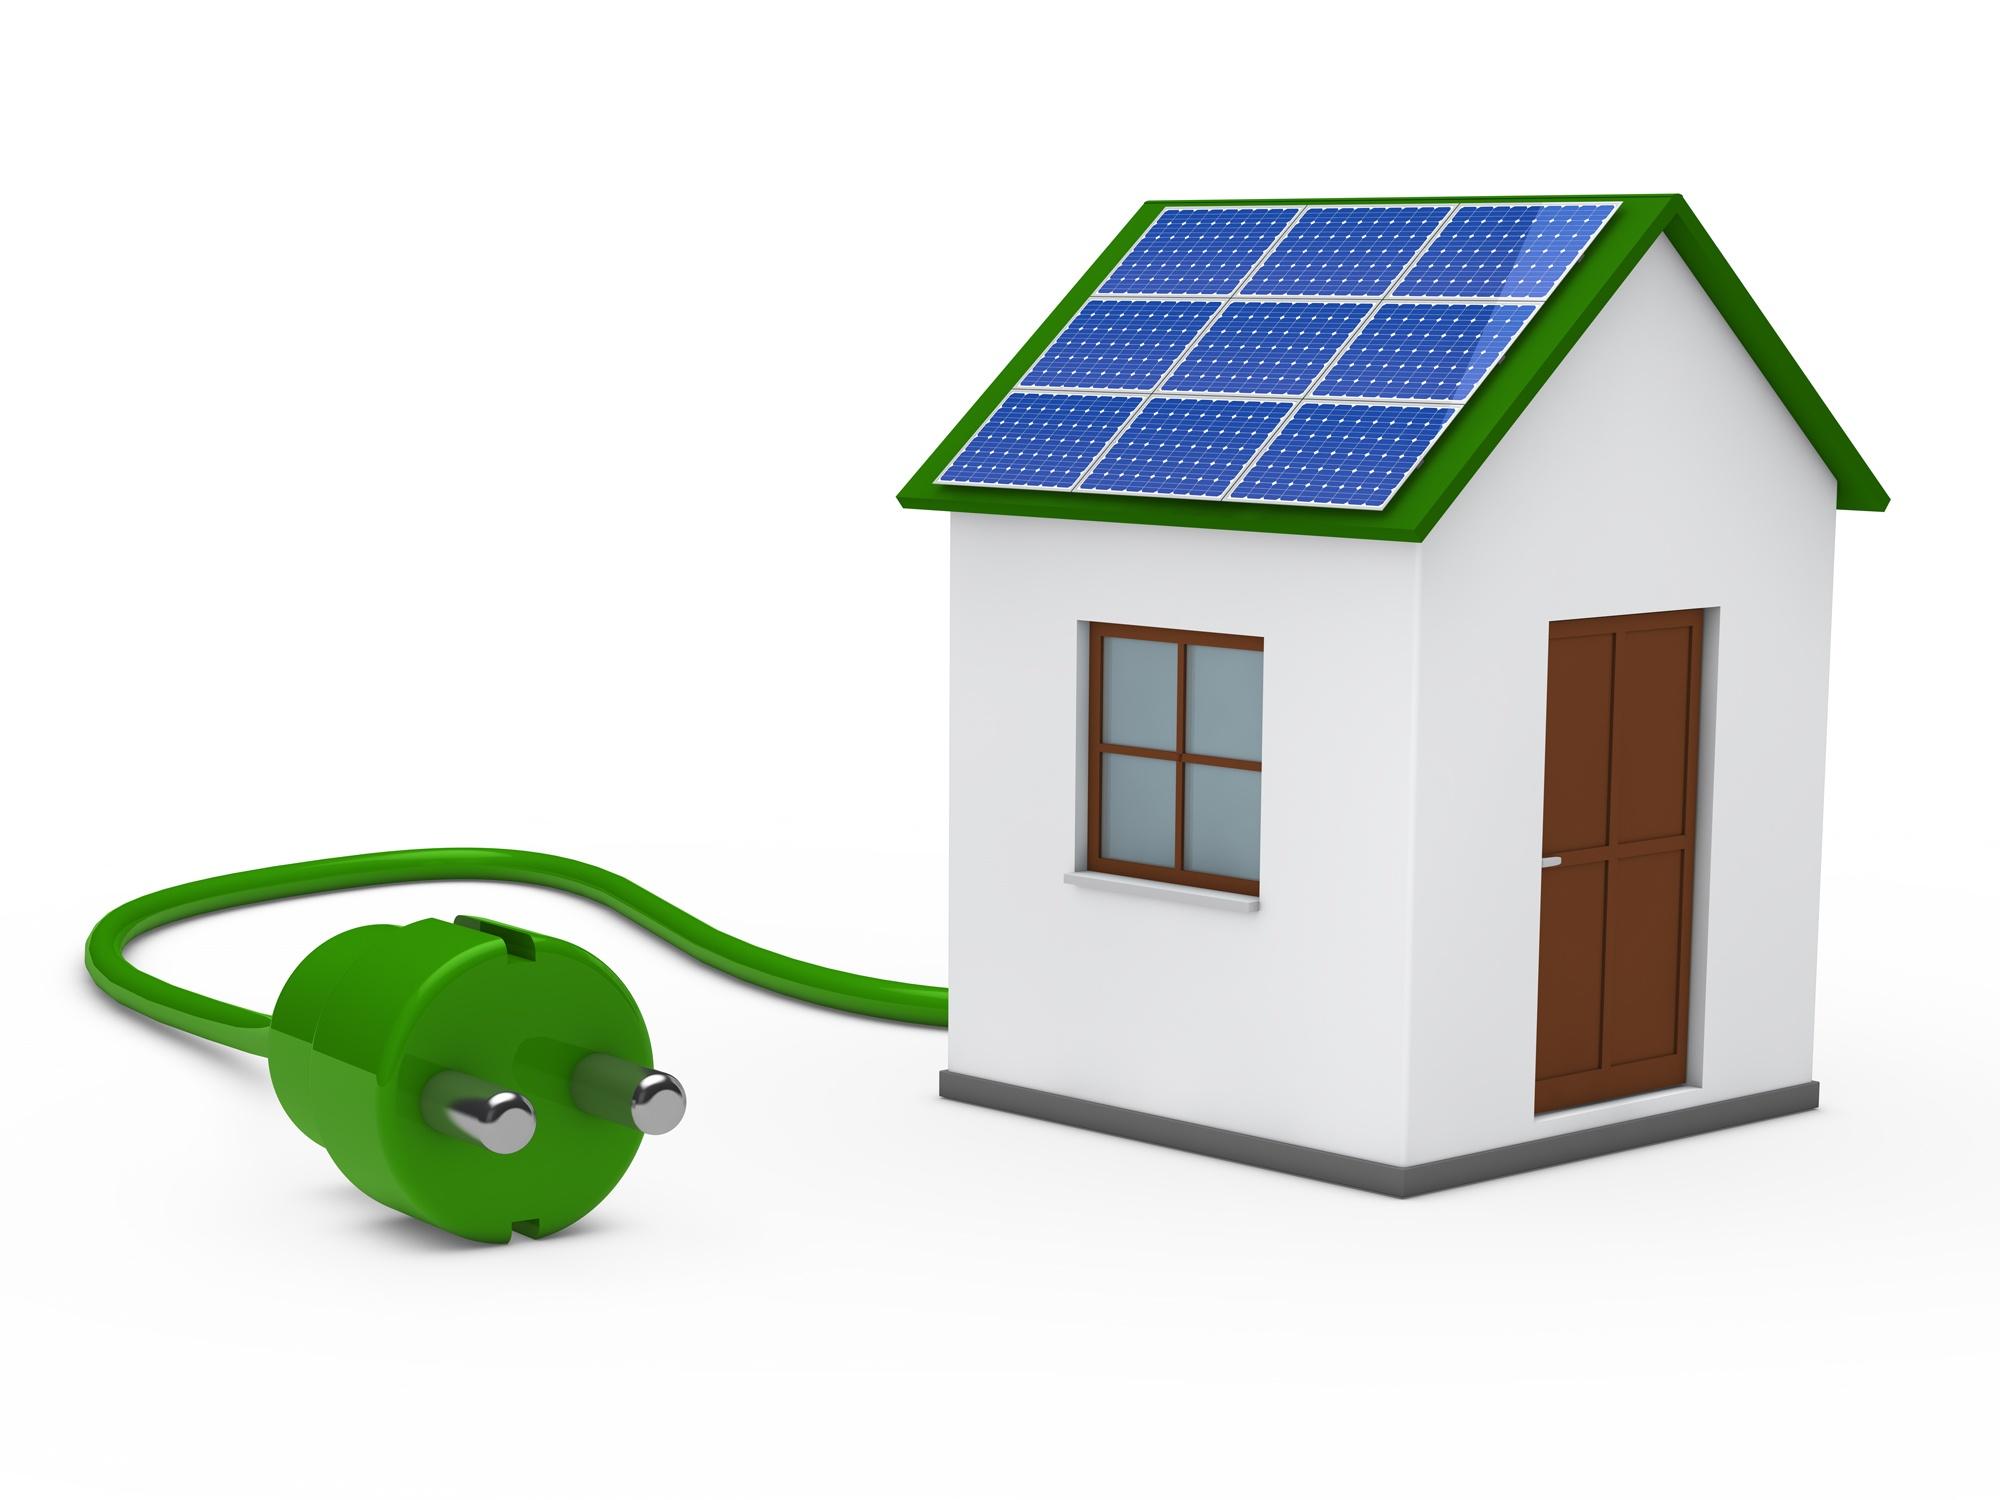 Vantagens da energia solar fotovoltaica residencial